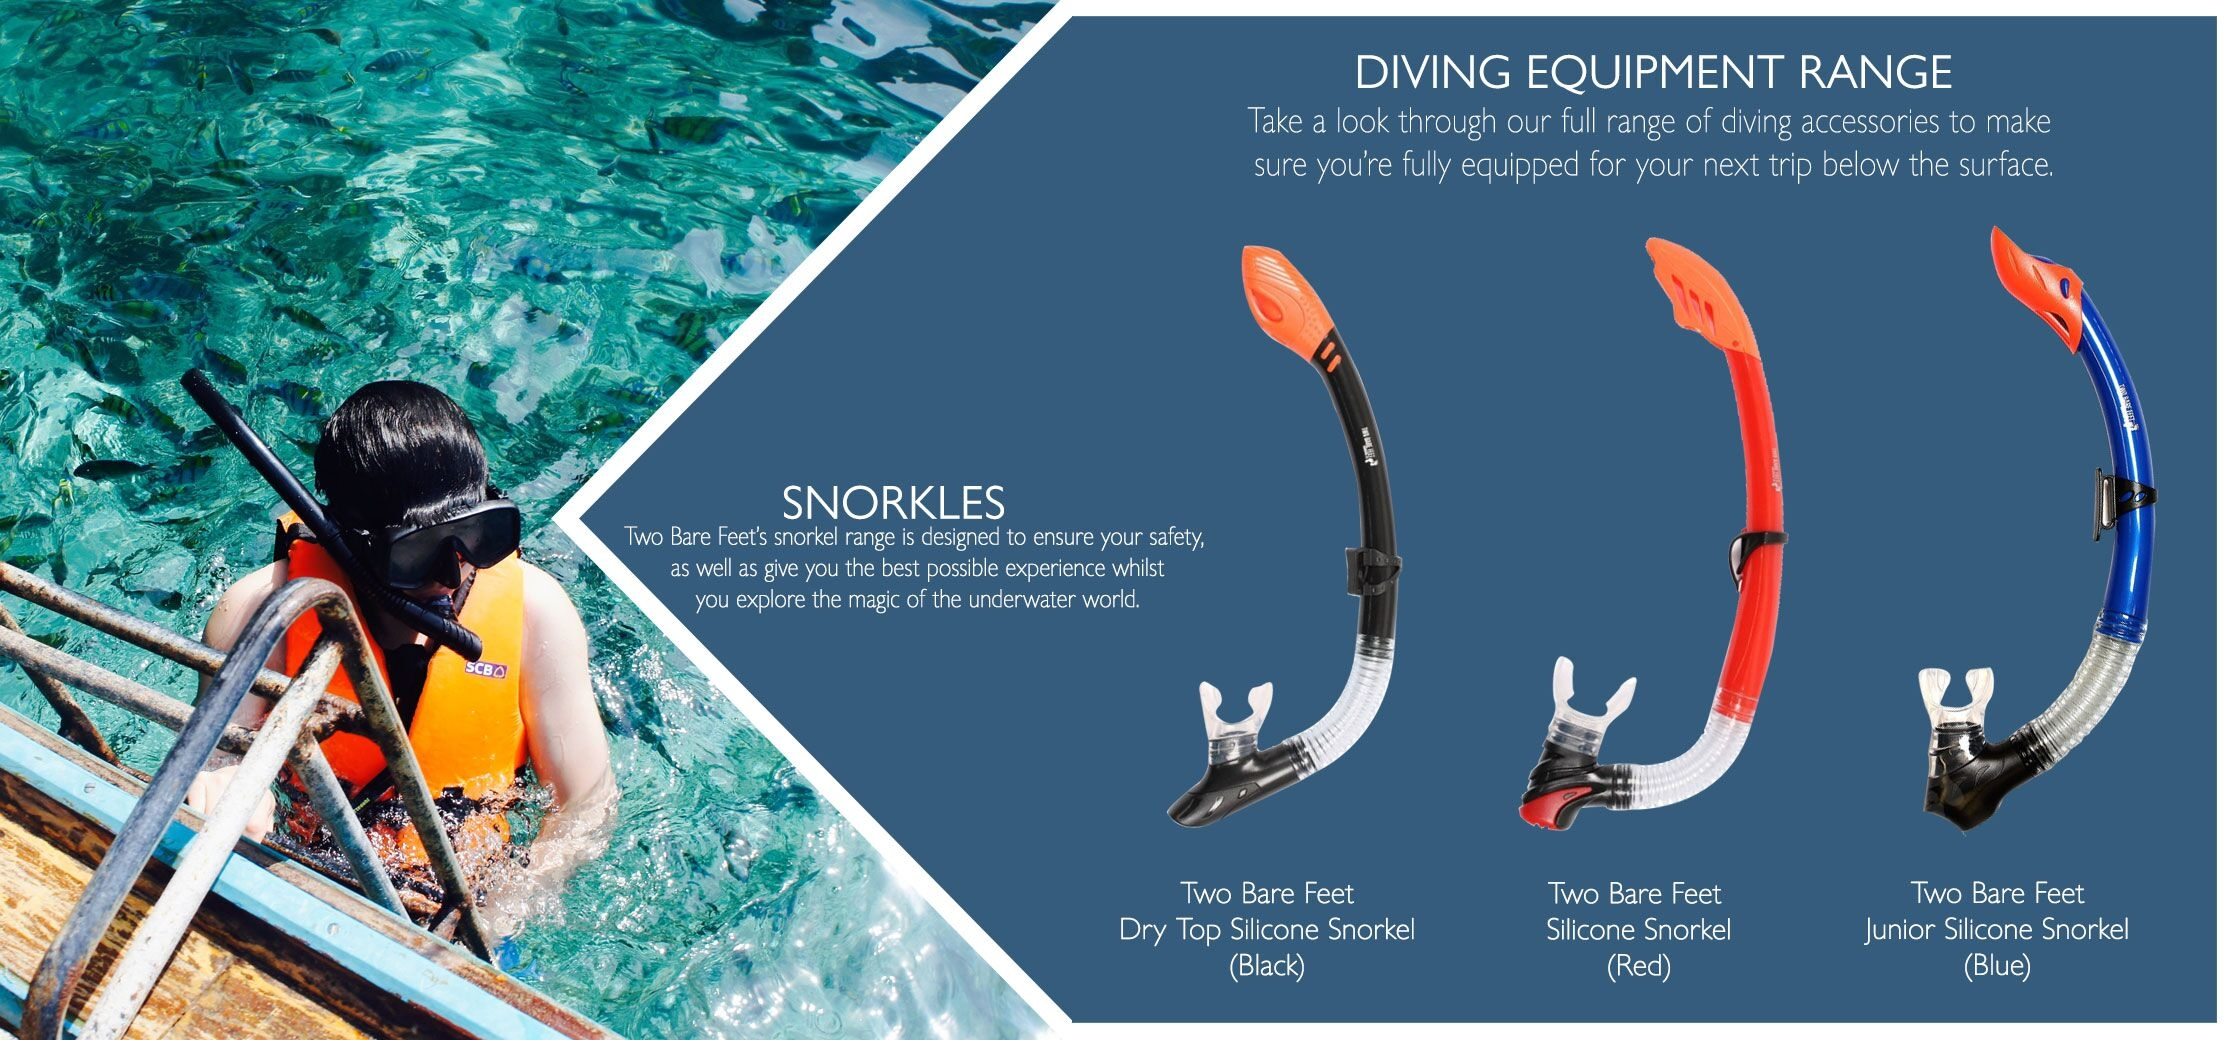 dry top snorkel